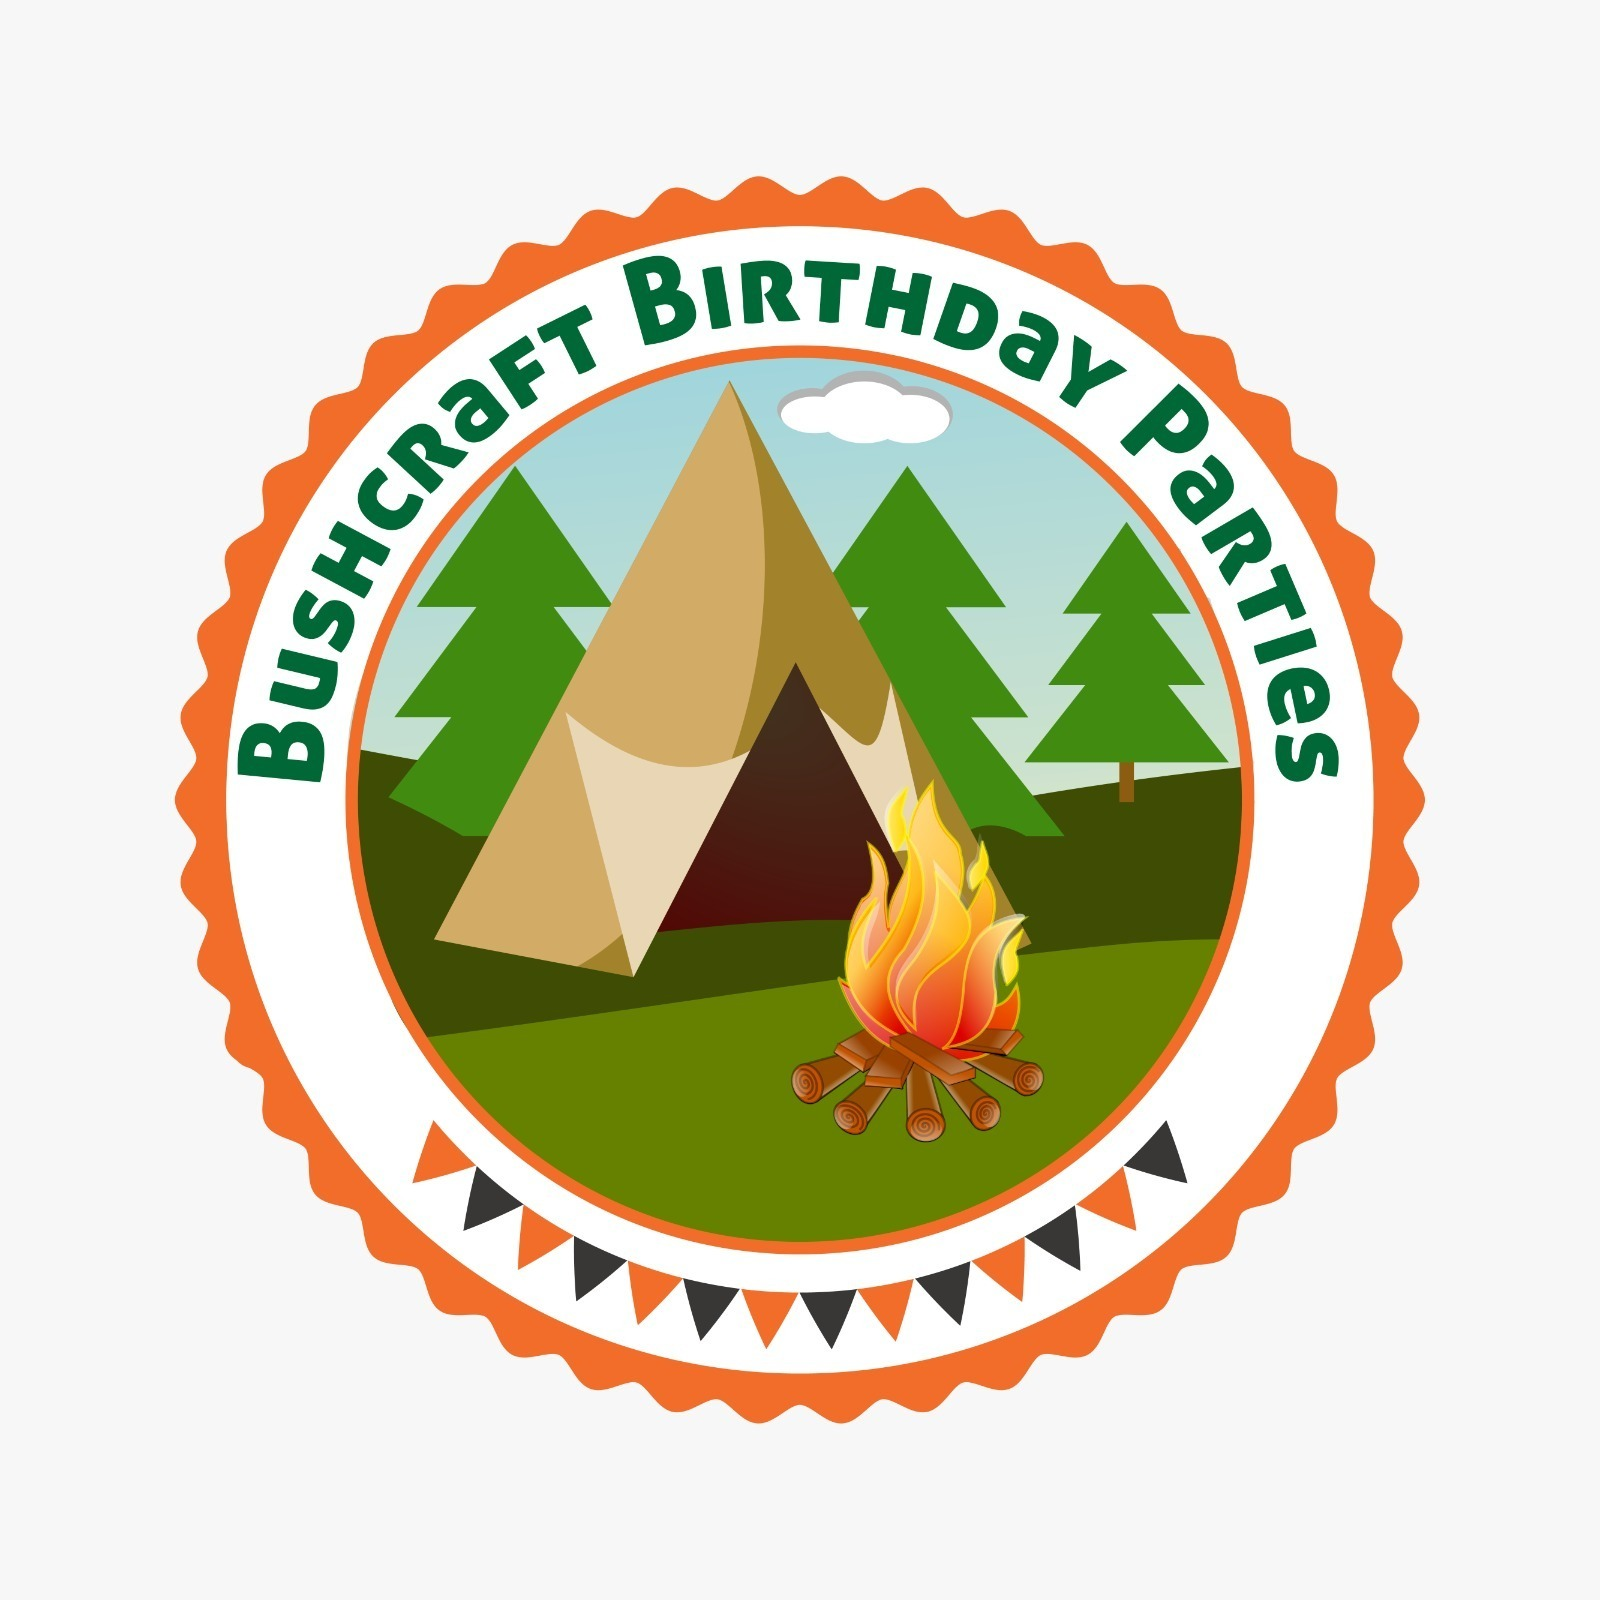 Xtreme.ie's bushcraft birthday party logo